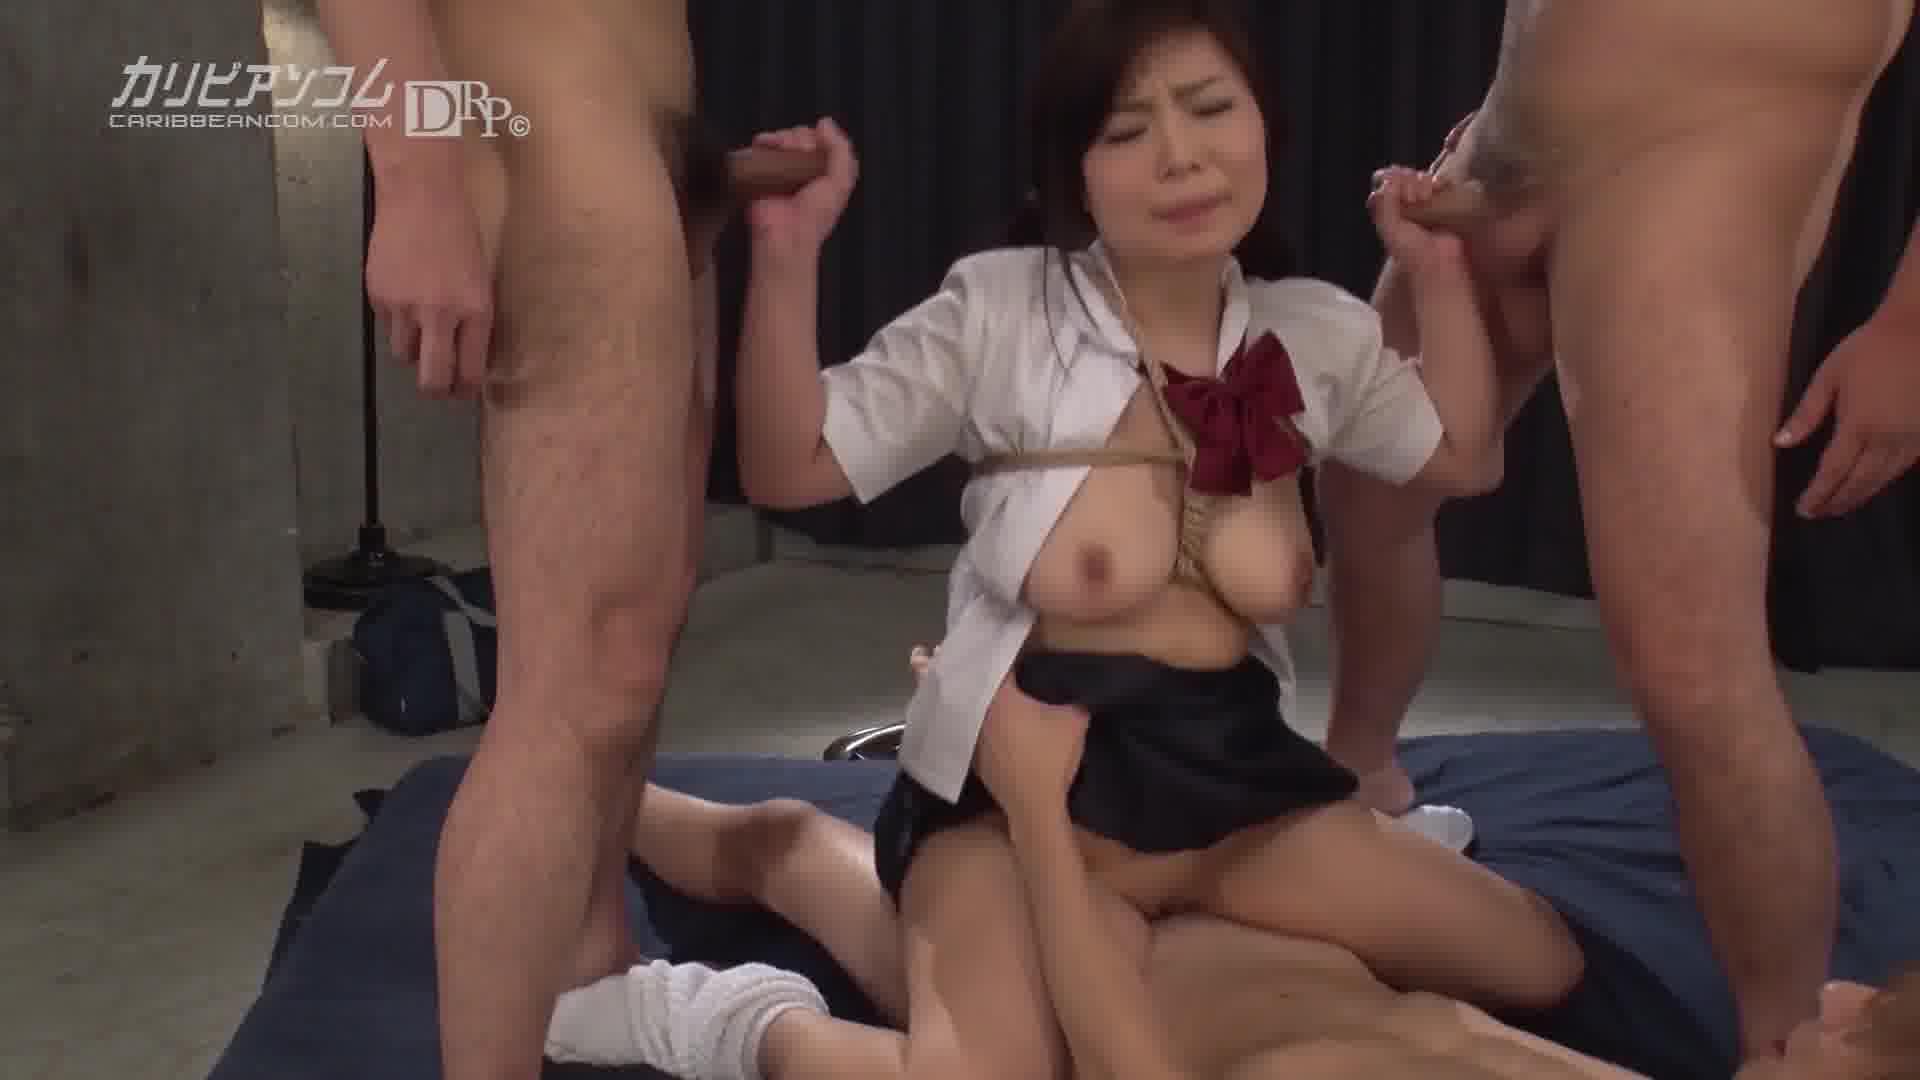 縛られたがるヤンデレ女子 - 夕城芹【潮吹き・乱交・制服】